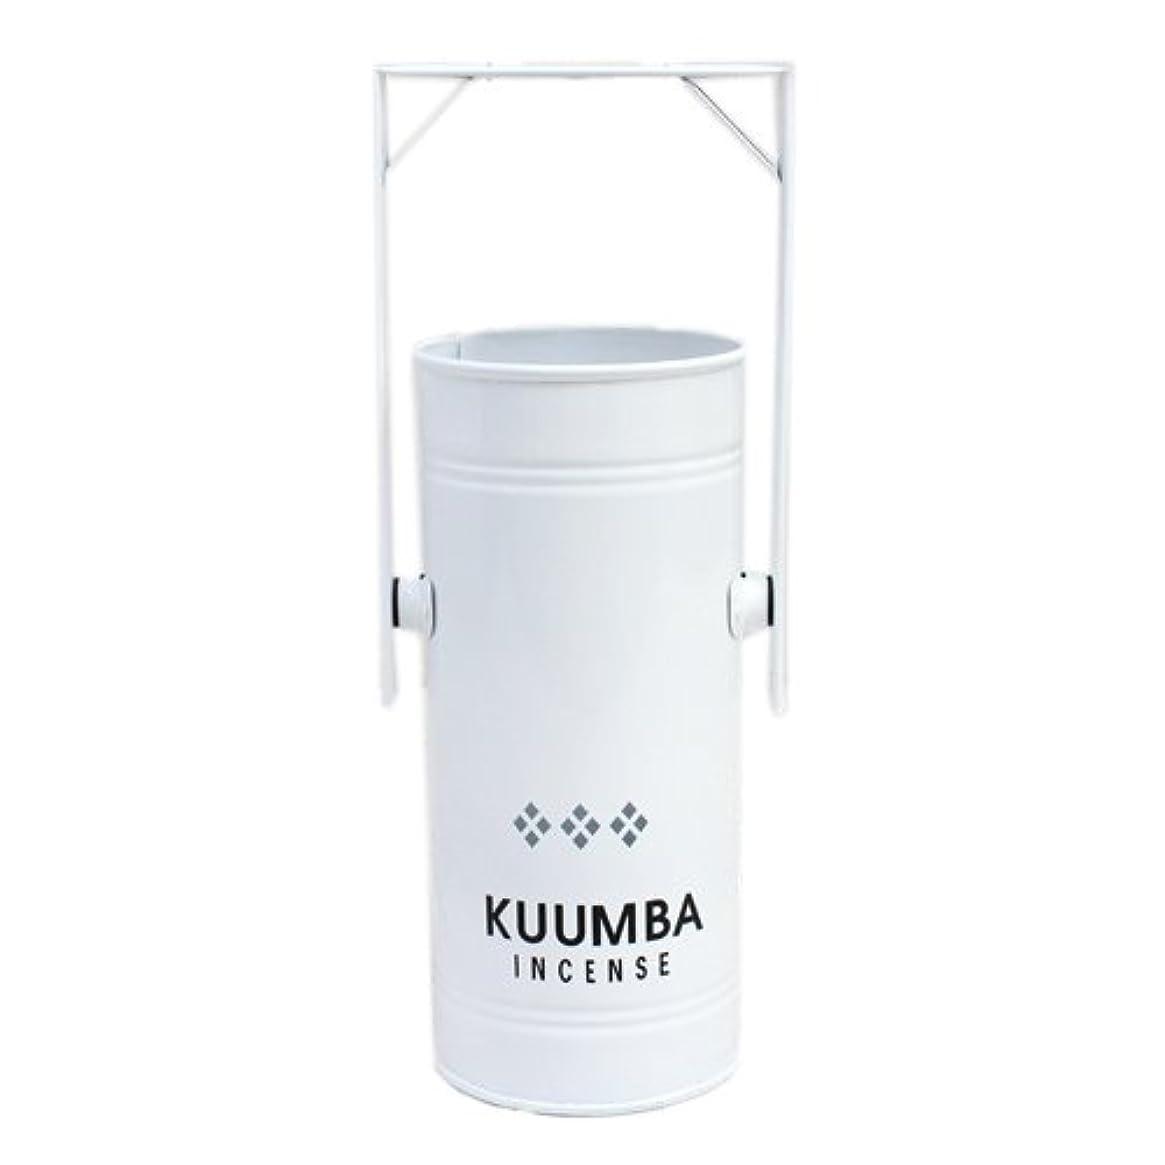 わずかな競争力のある分泌するKUUMBA (クンバ)『INCENSE BURNER-Regular』(WHITE) (ONE SIZE, WHITE)